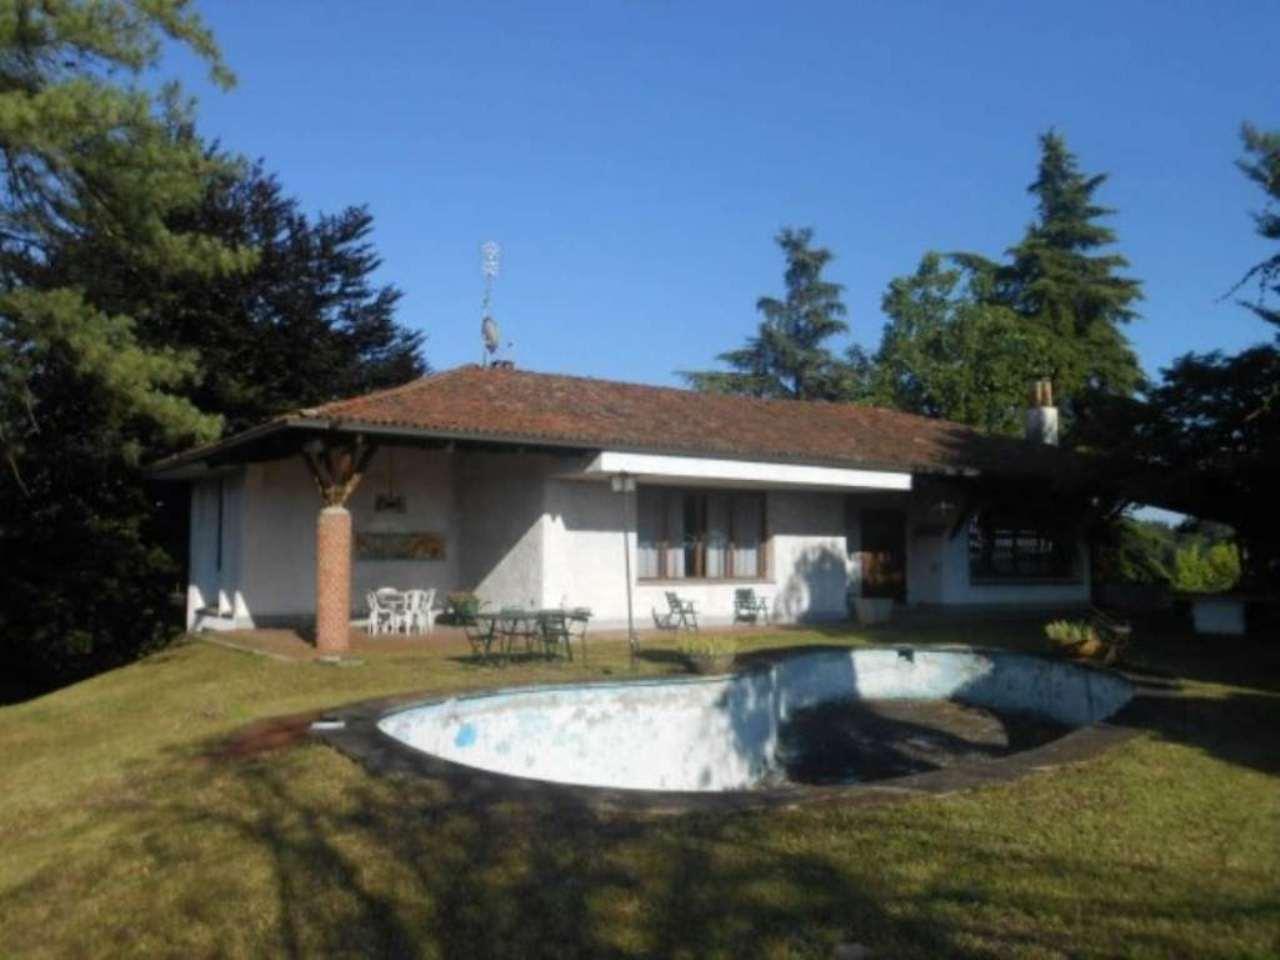 Villa in vendita a Montafia, 6 locali, prezzo € 550.000 | CambioCasa.it